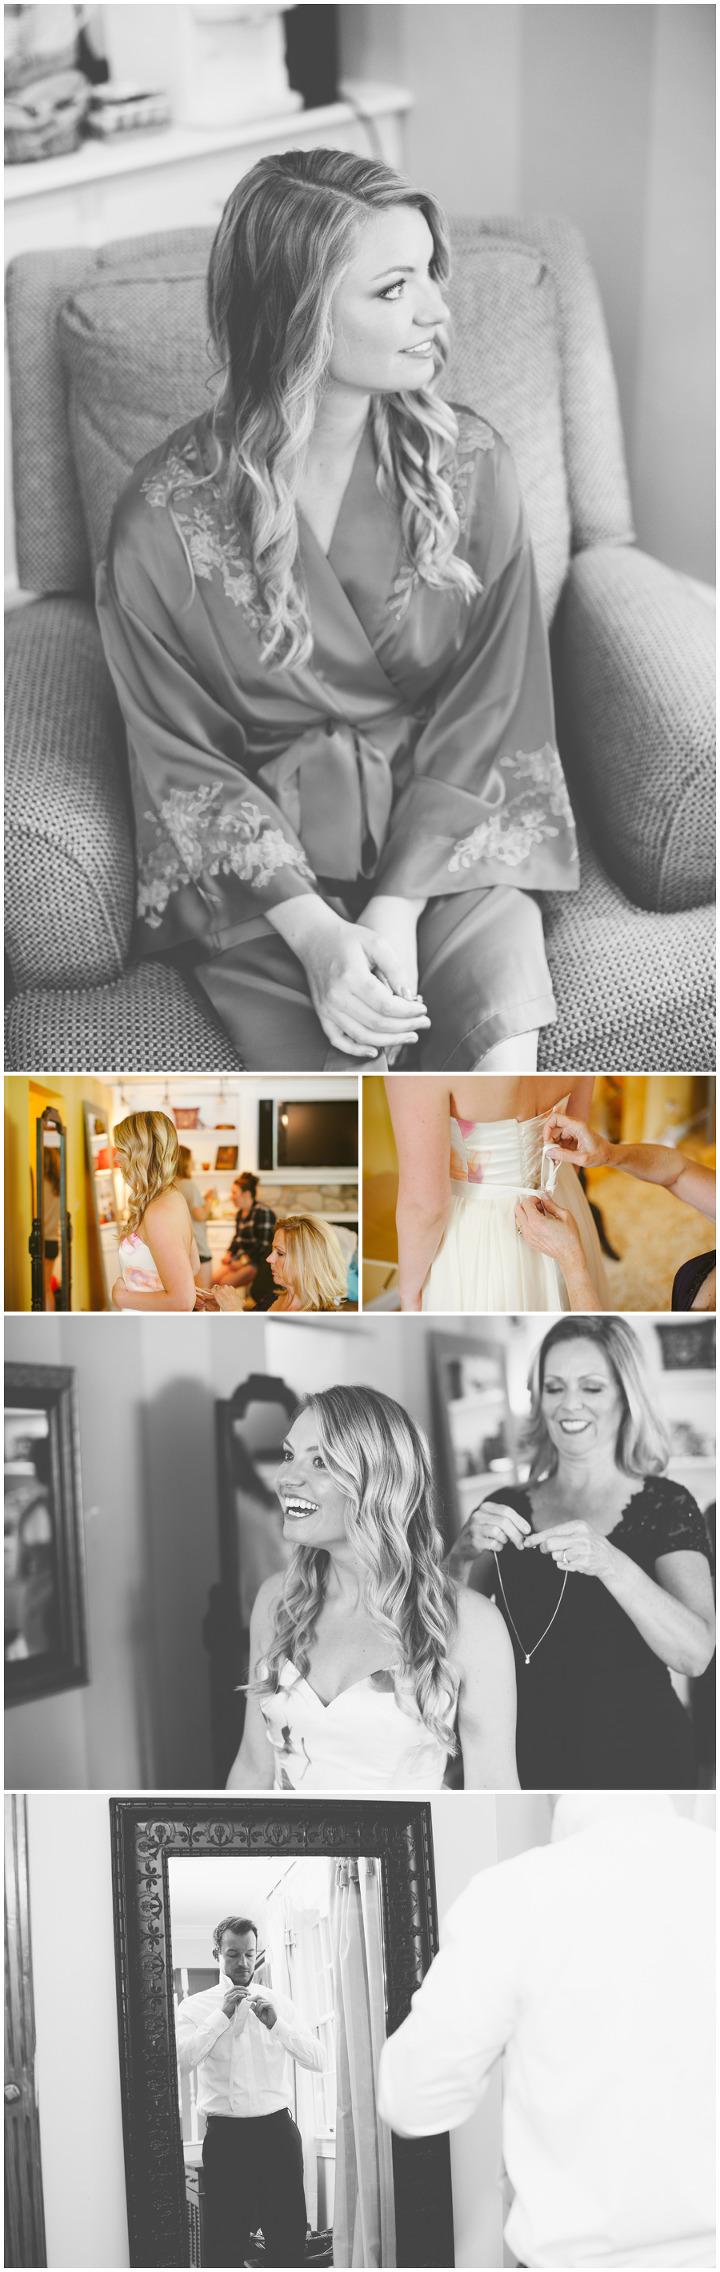 Blog Collage-Lauren+BrianW4